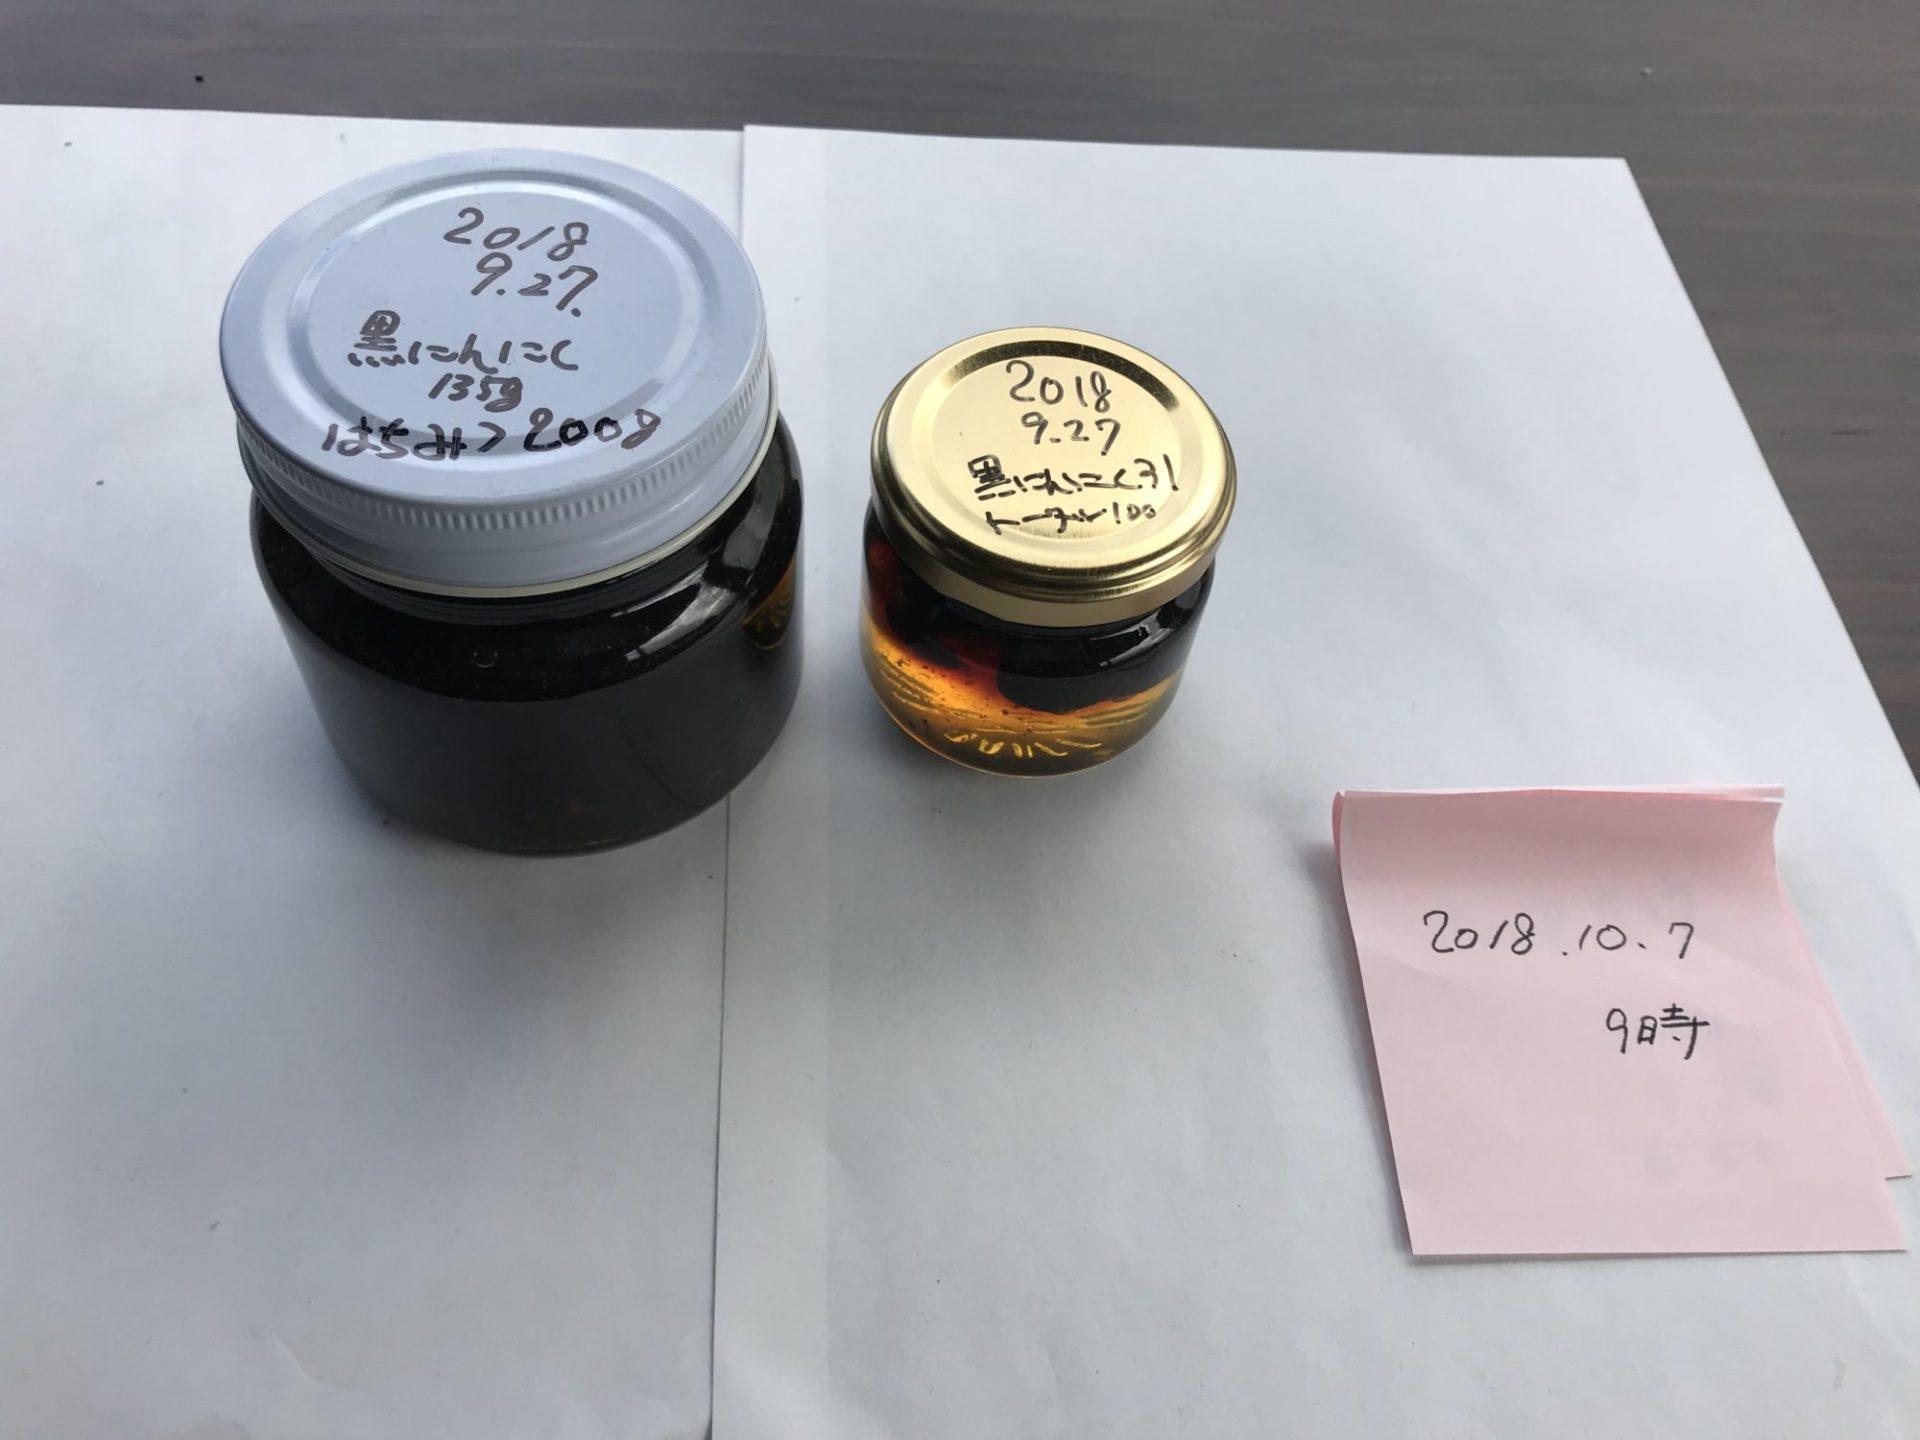 黒にんにくの蜂蜜漬け20181007朝